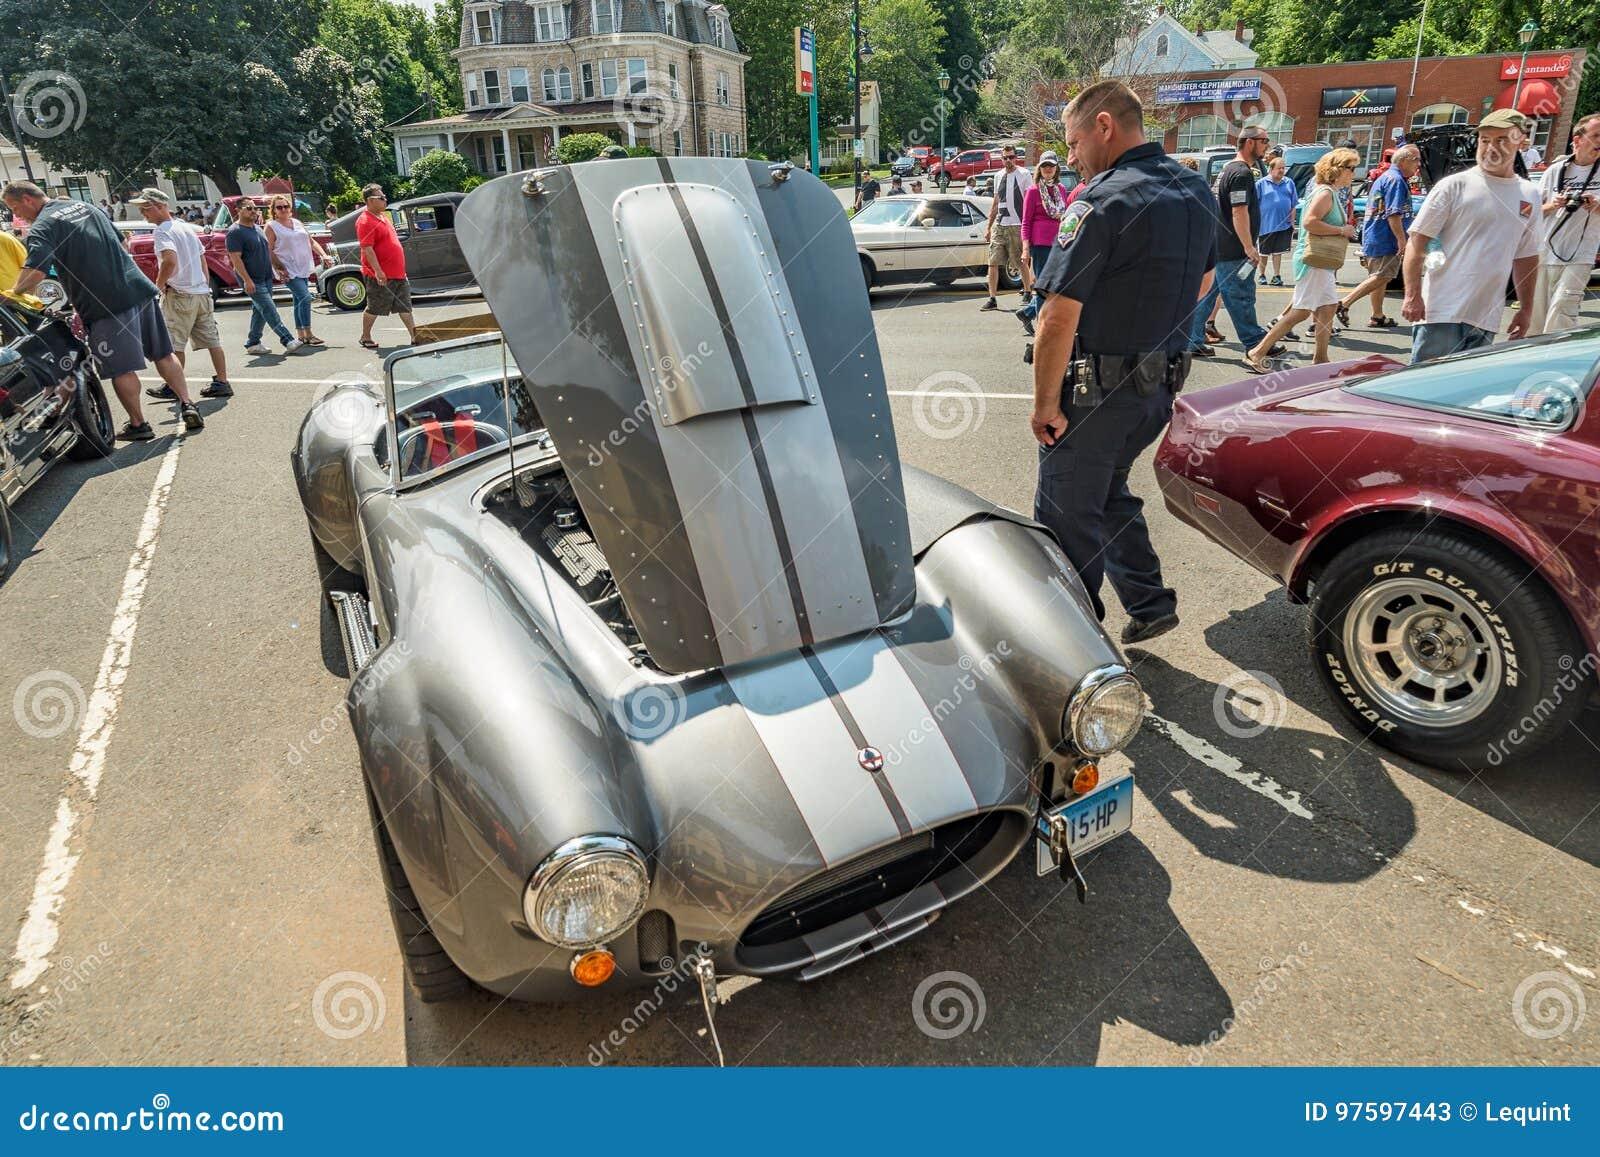 Το αυτοκίνητο παρουσιάζει στο Μάντσεστερ Κοννέκτικατ